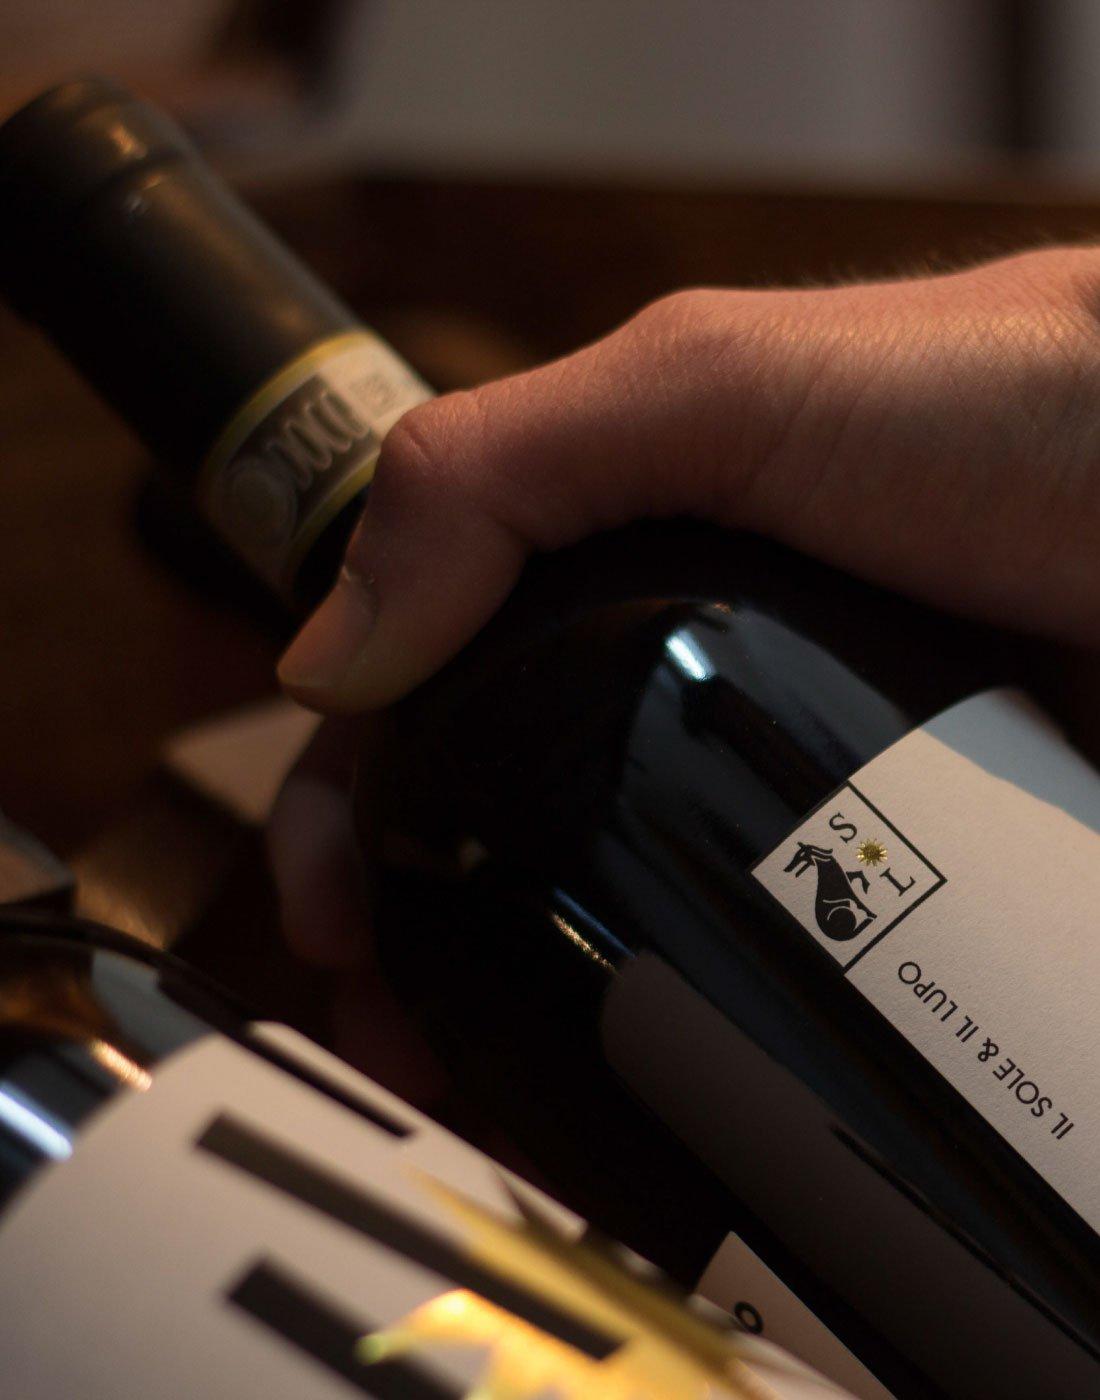 Scatto macro: una mano afferra una bottiglia di Lapiano